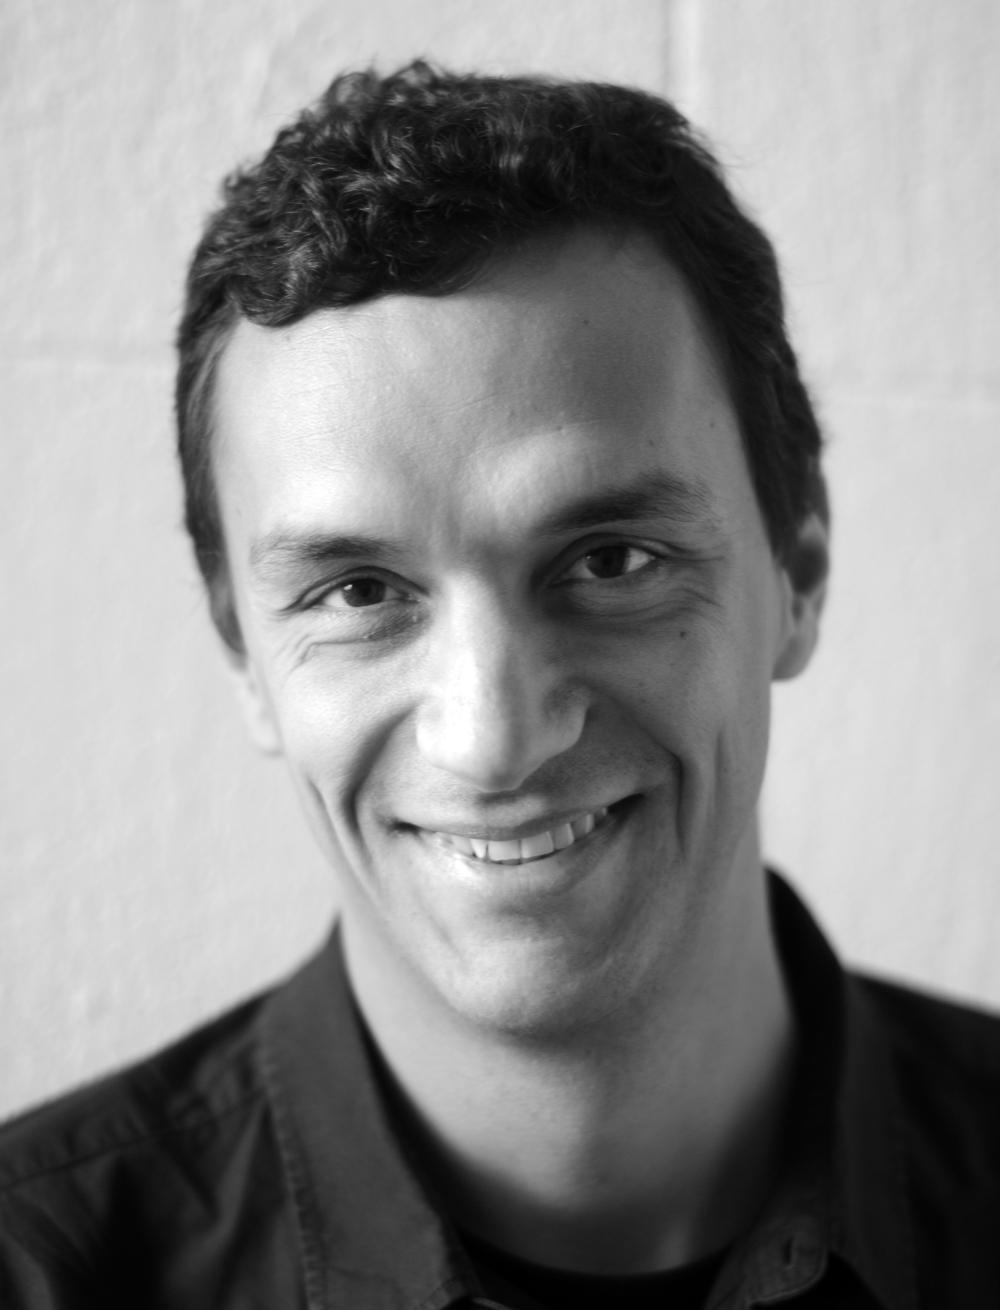 Sascha Haselmayer - CEO & Founder